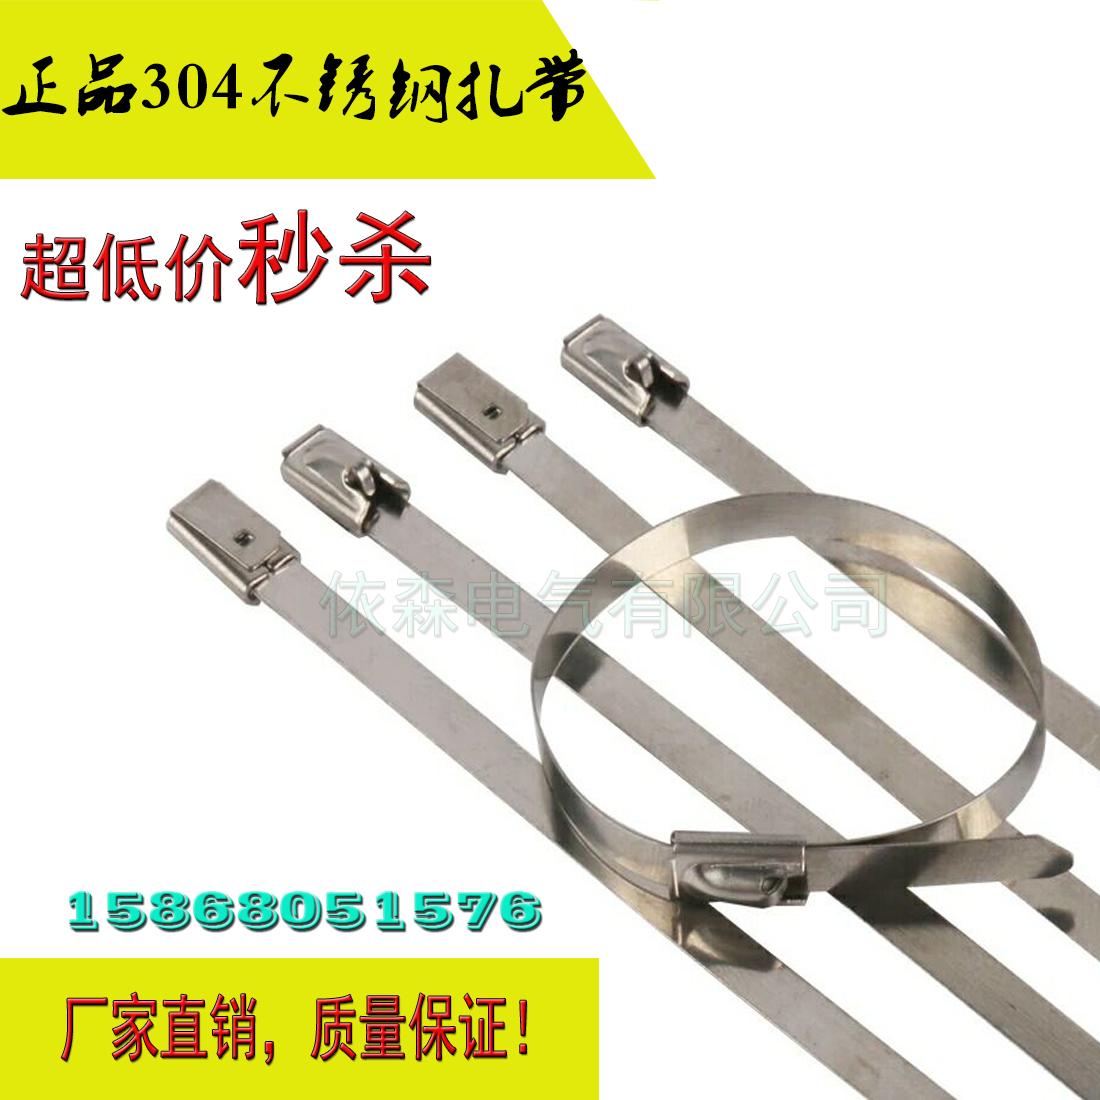 浙江不锈钢扎带厂家 自锁式不锈钢扎带 304船用金属扎带4.6*650MM